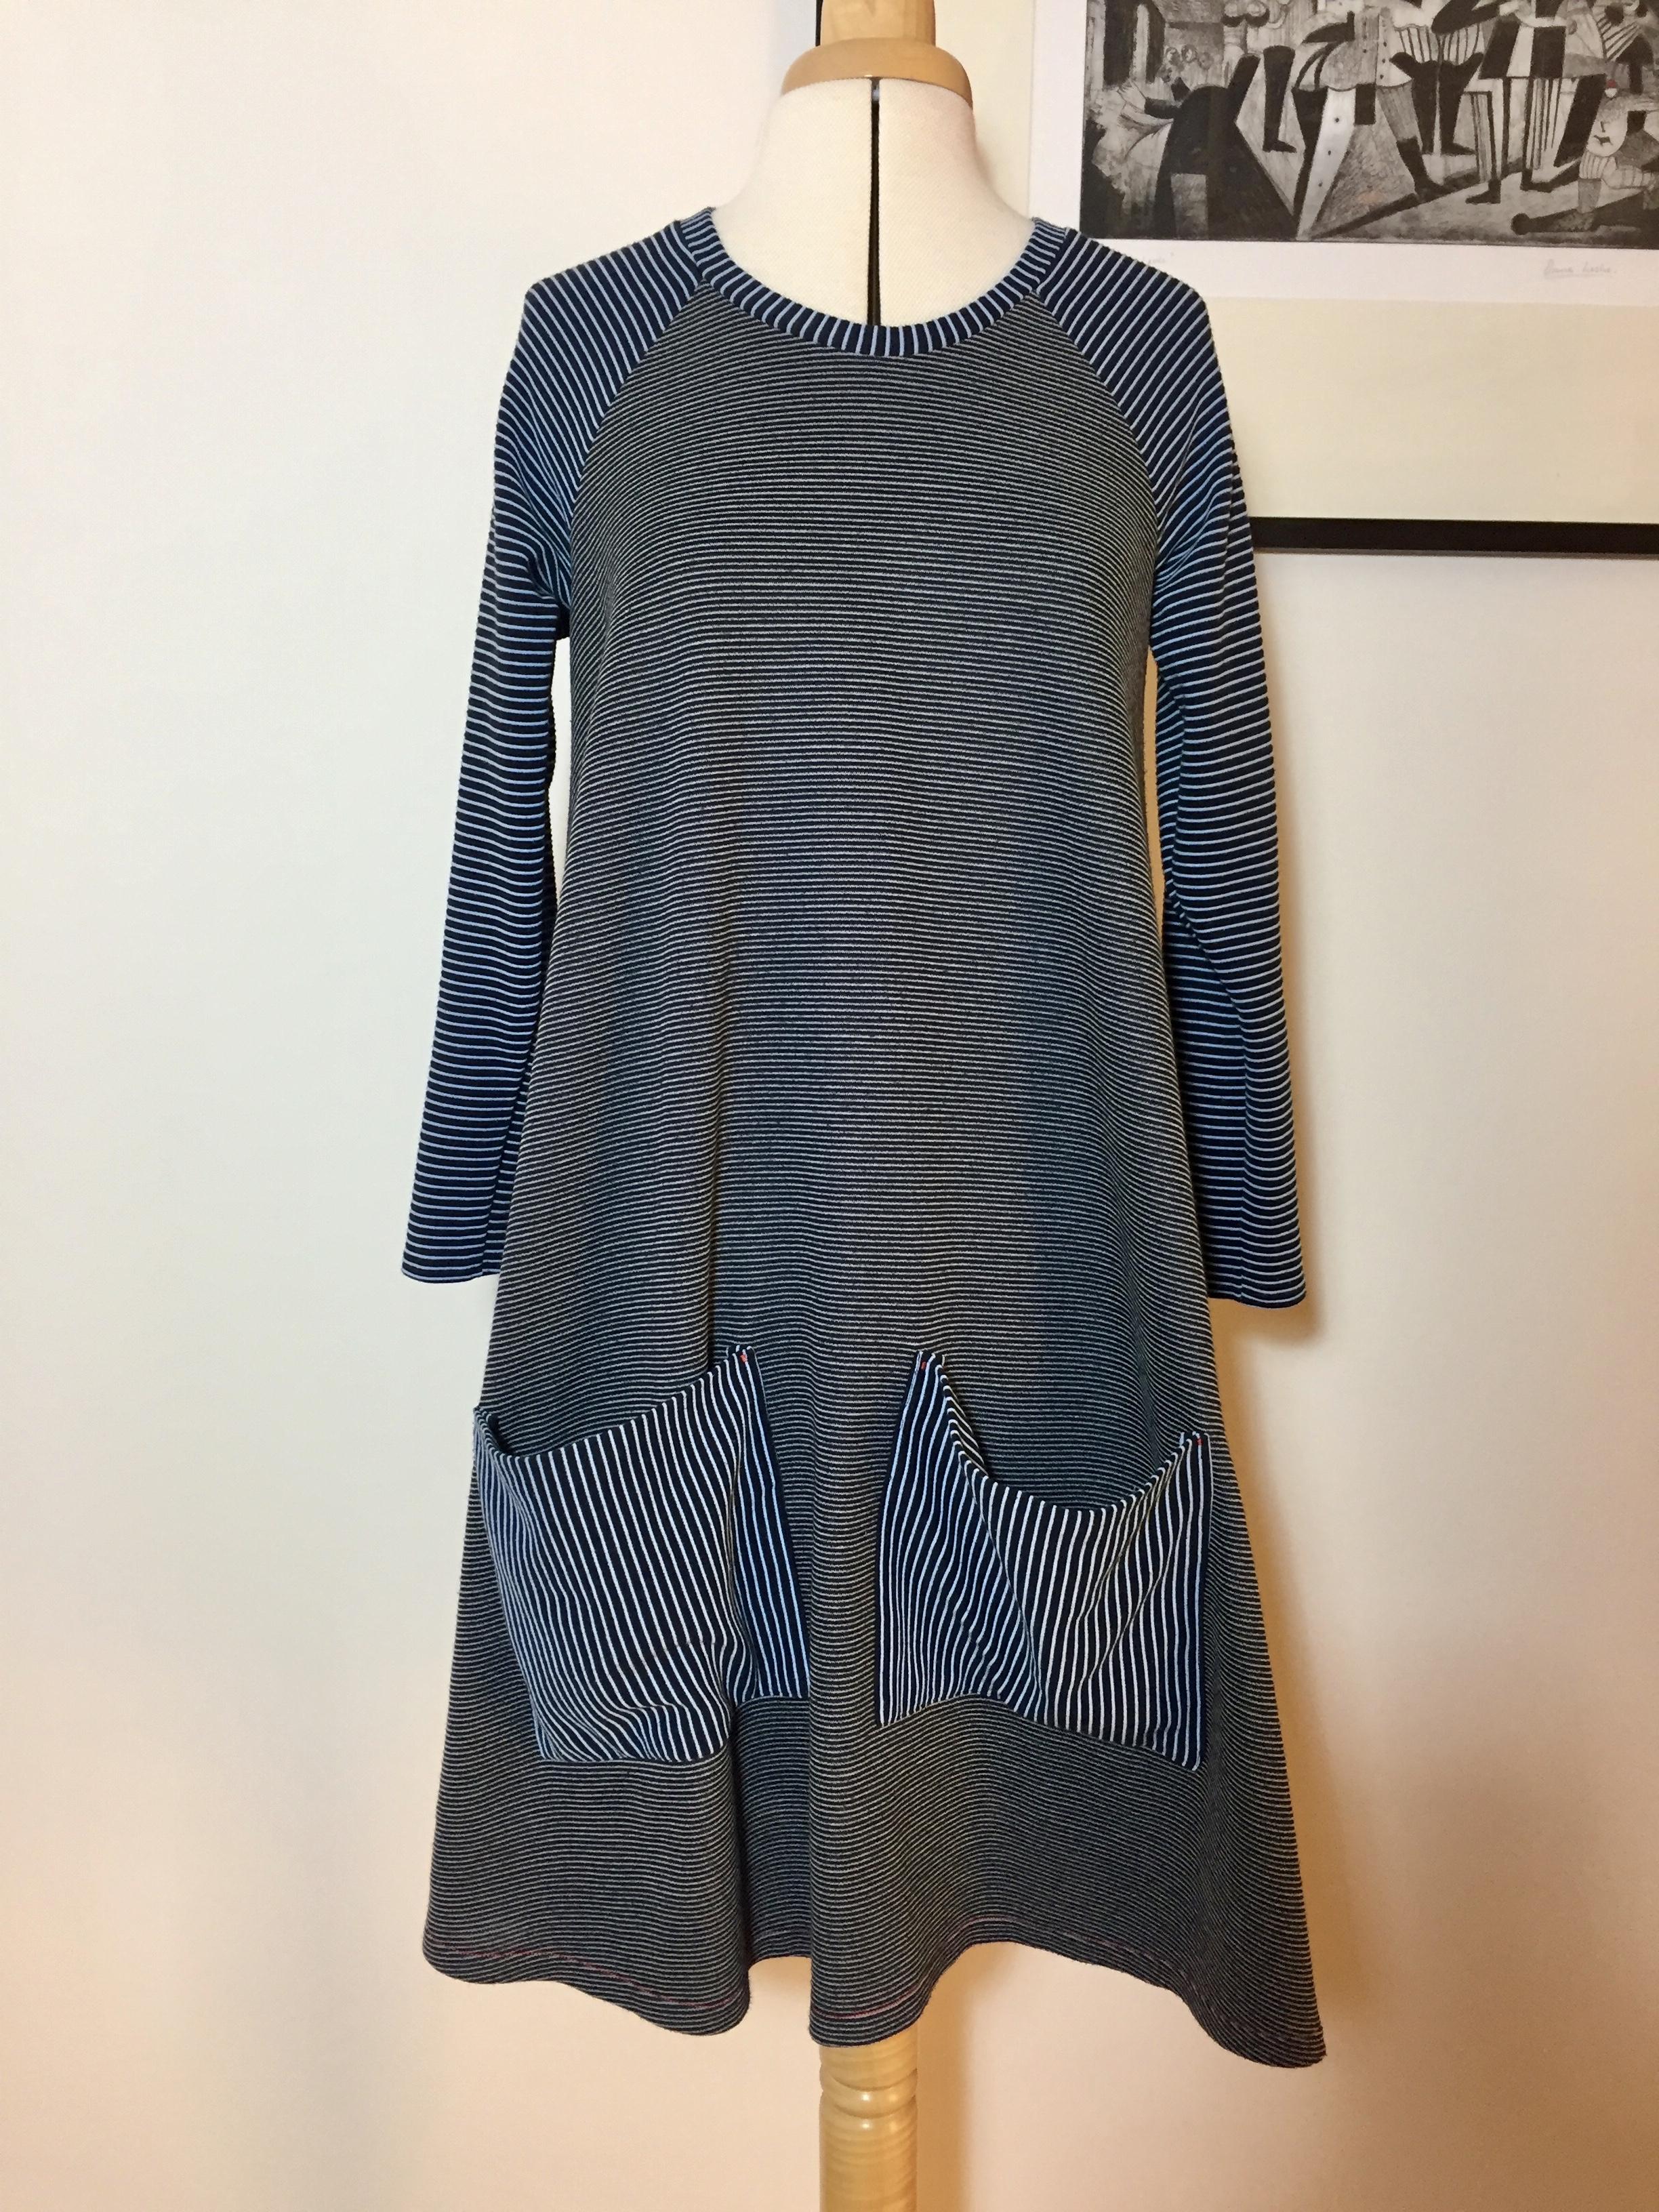 Closet Case Ebony dress with pockets